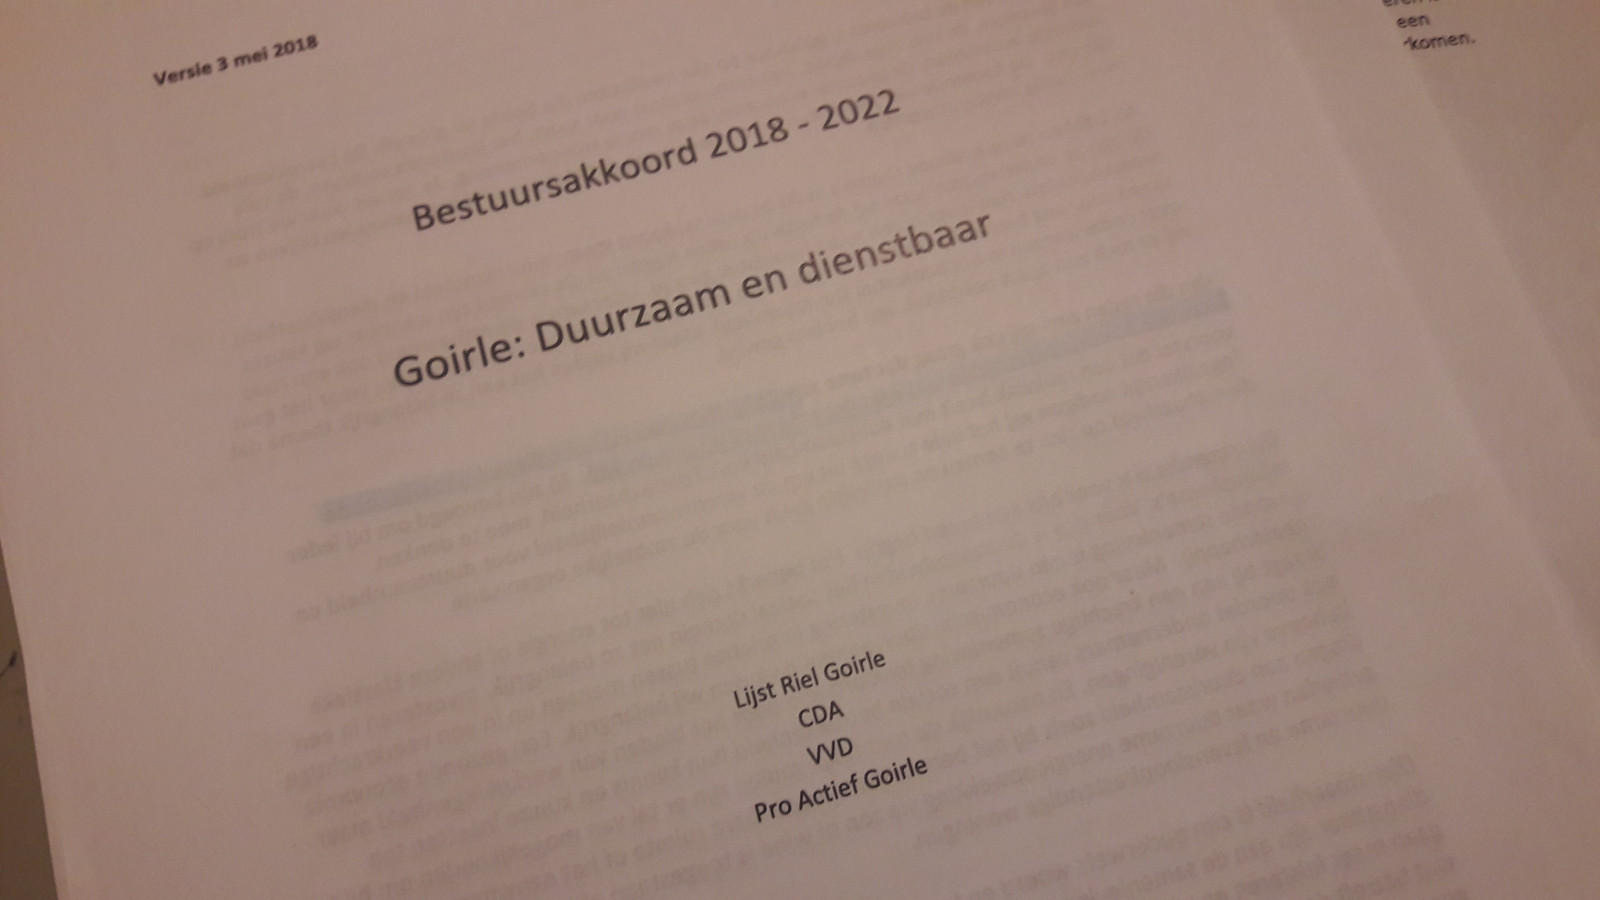 Het bestuursakkoord van Goirle bestaat uit 15 pagina's.